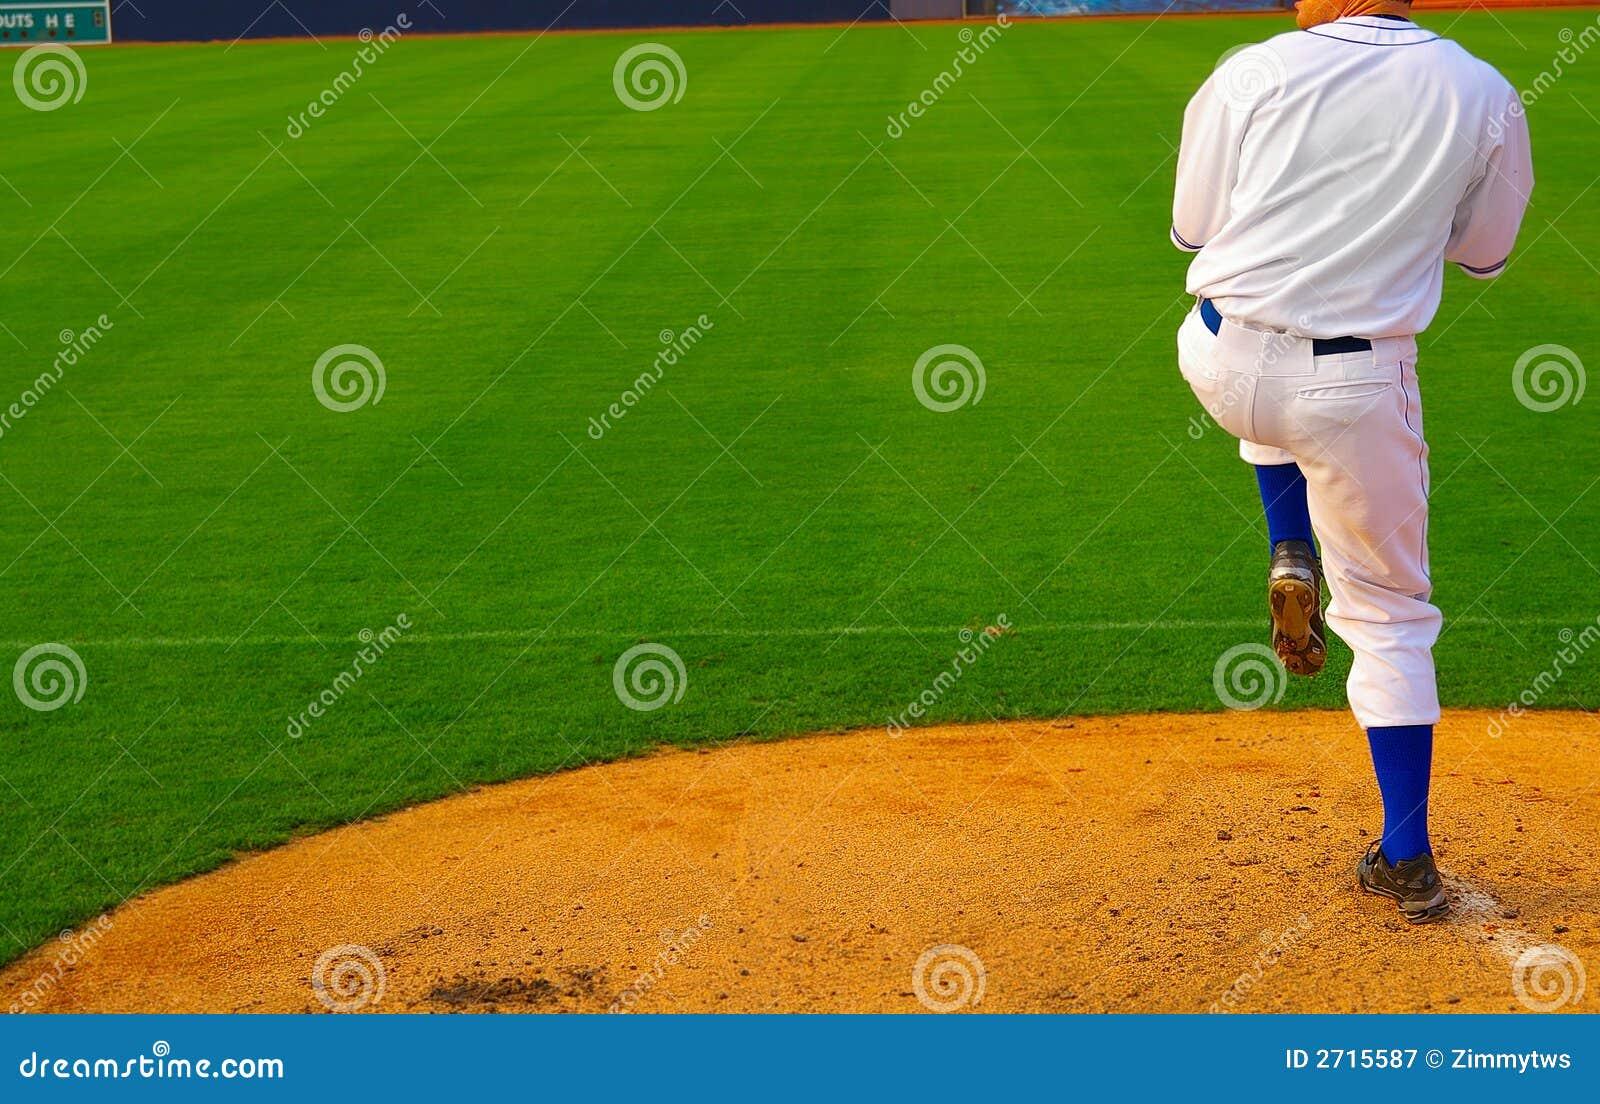 Baseballkrug